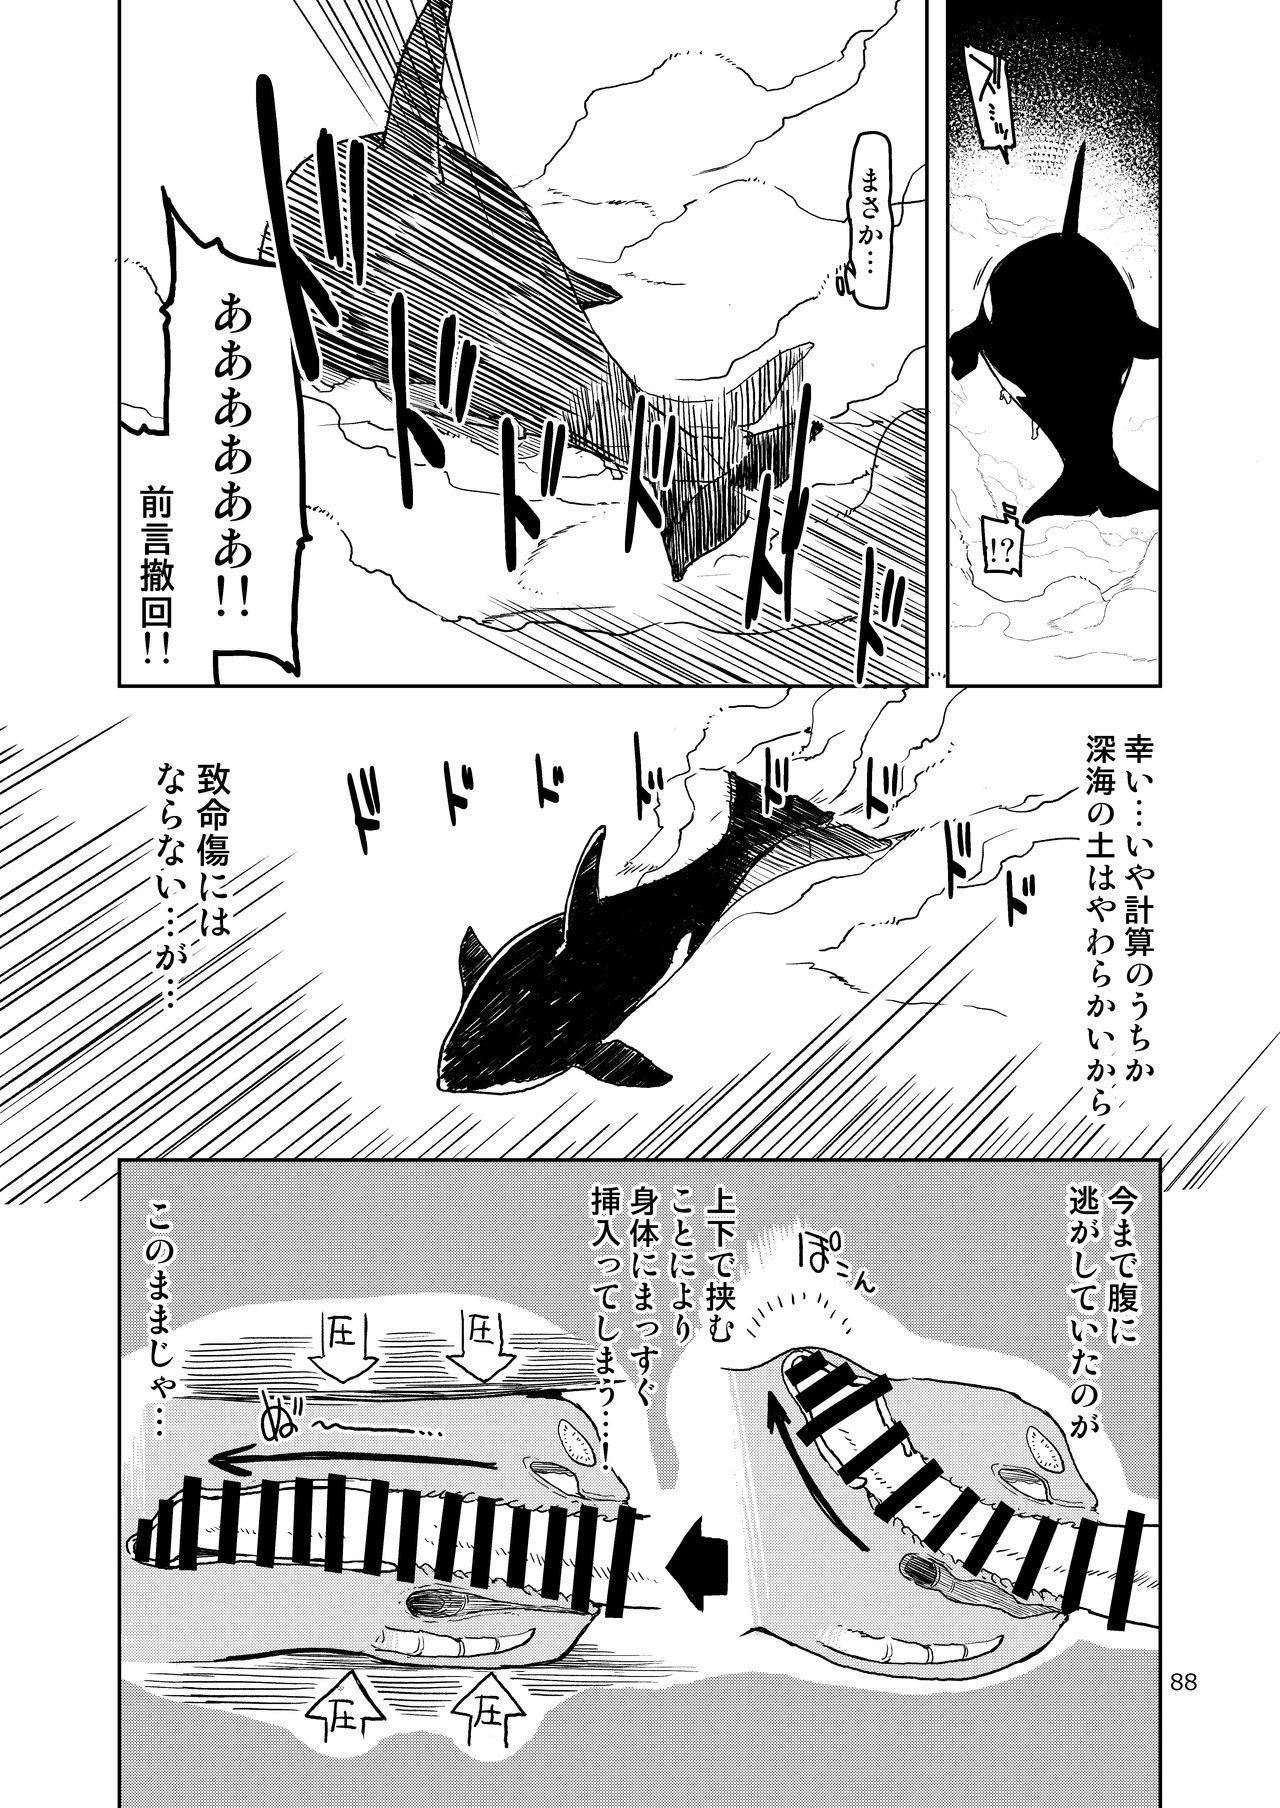 Dosukebe Elf no Ishukan Nikki Matome 2 88